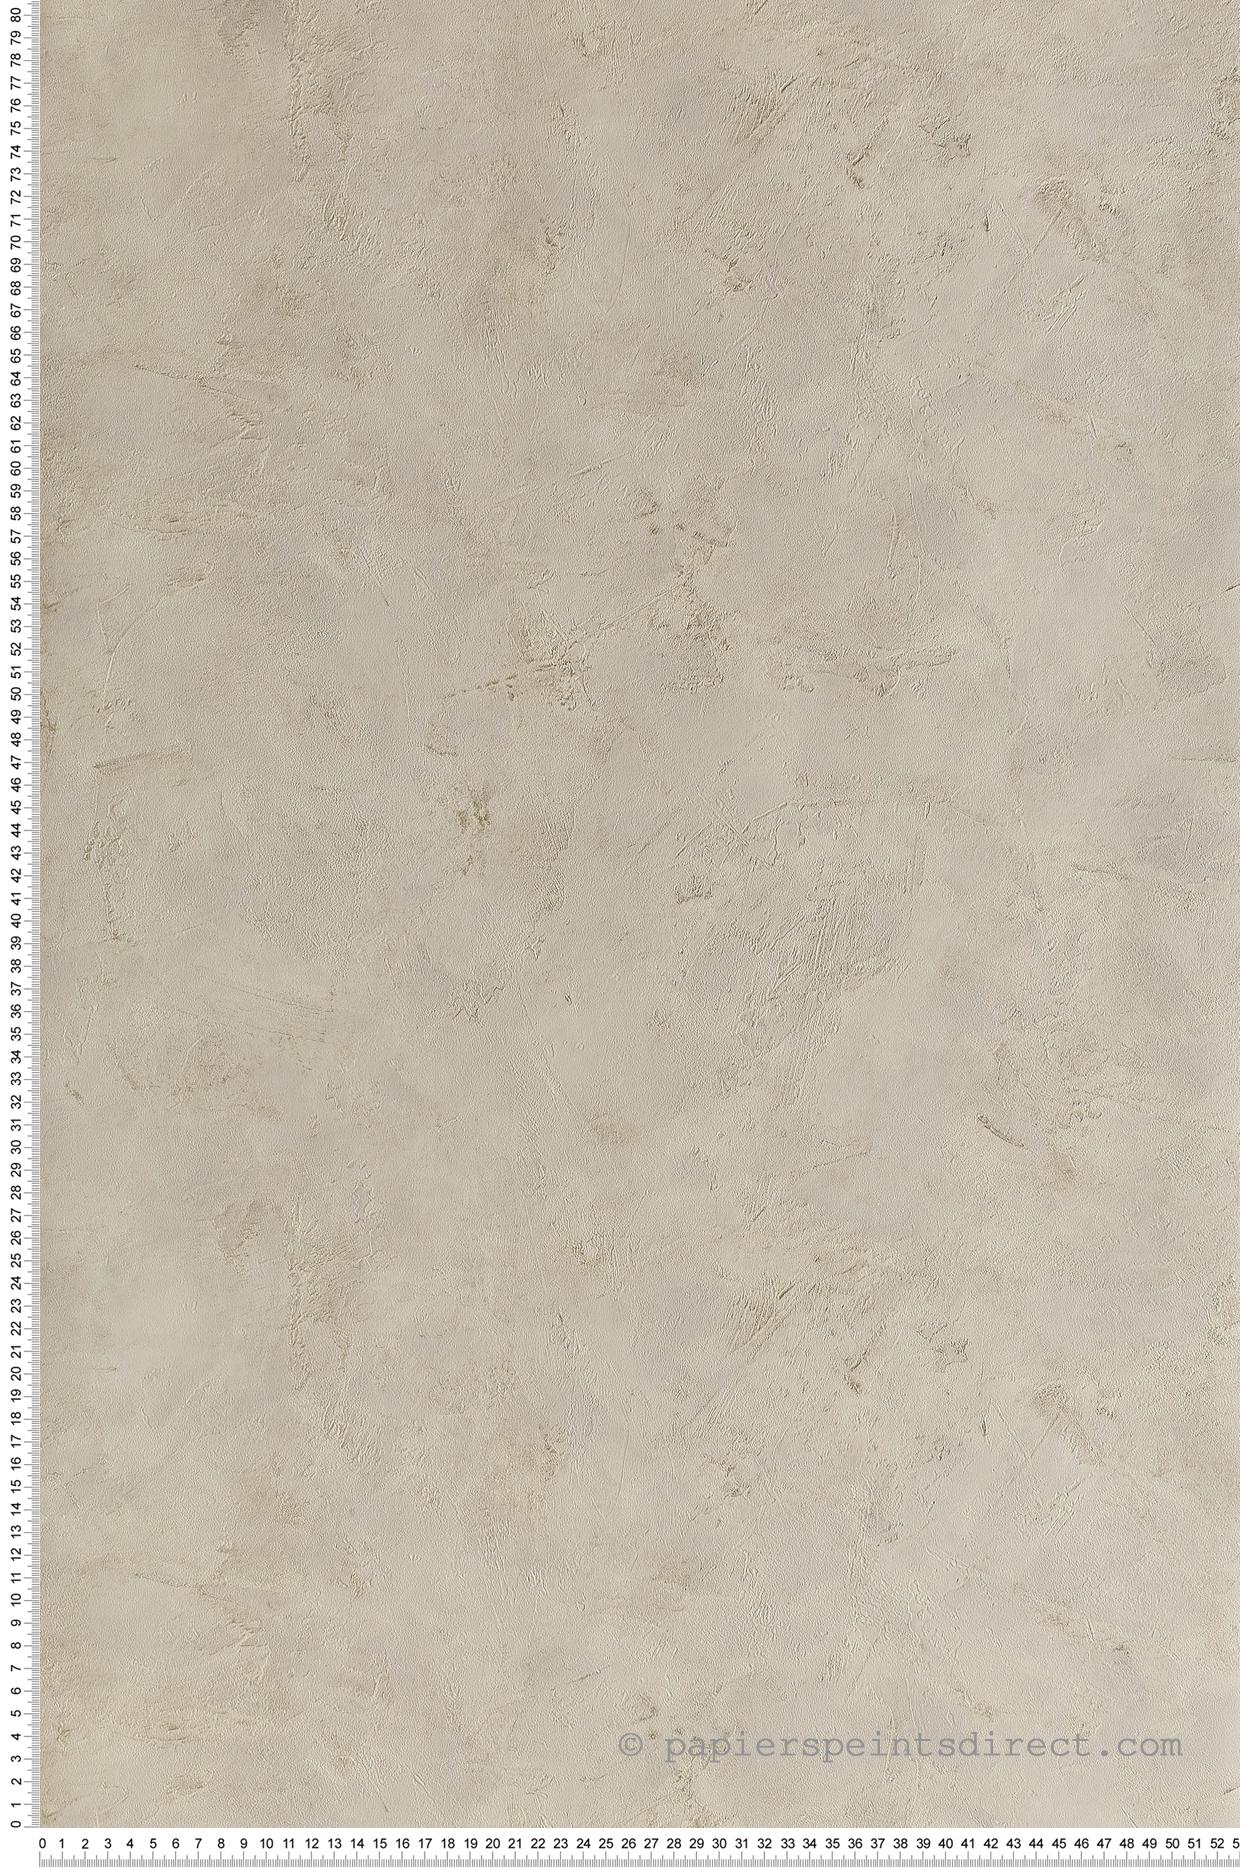 Papier peint Effet béton craie irisé - Patine de Casélio | Réf. PAI100221717